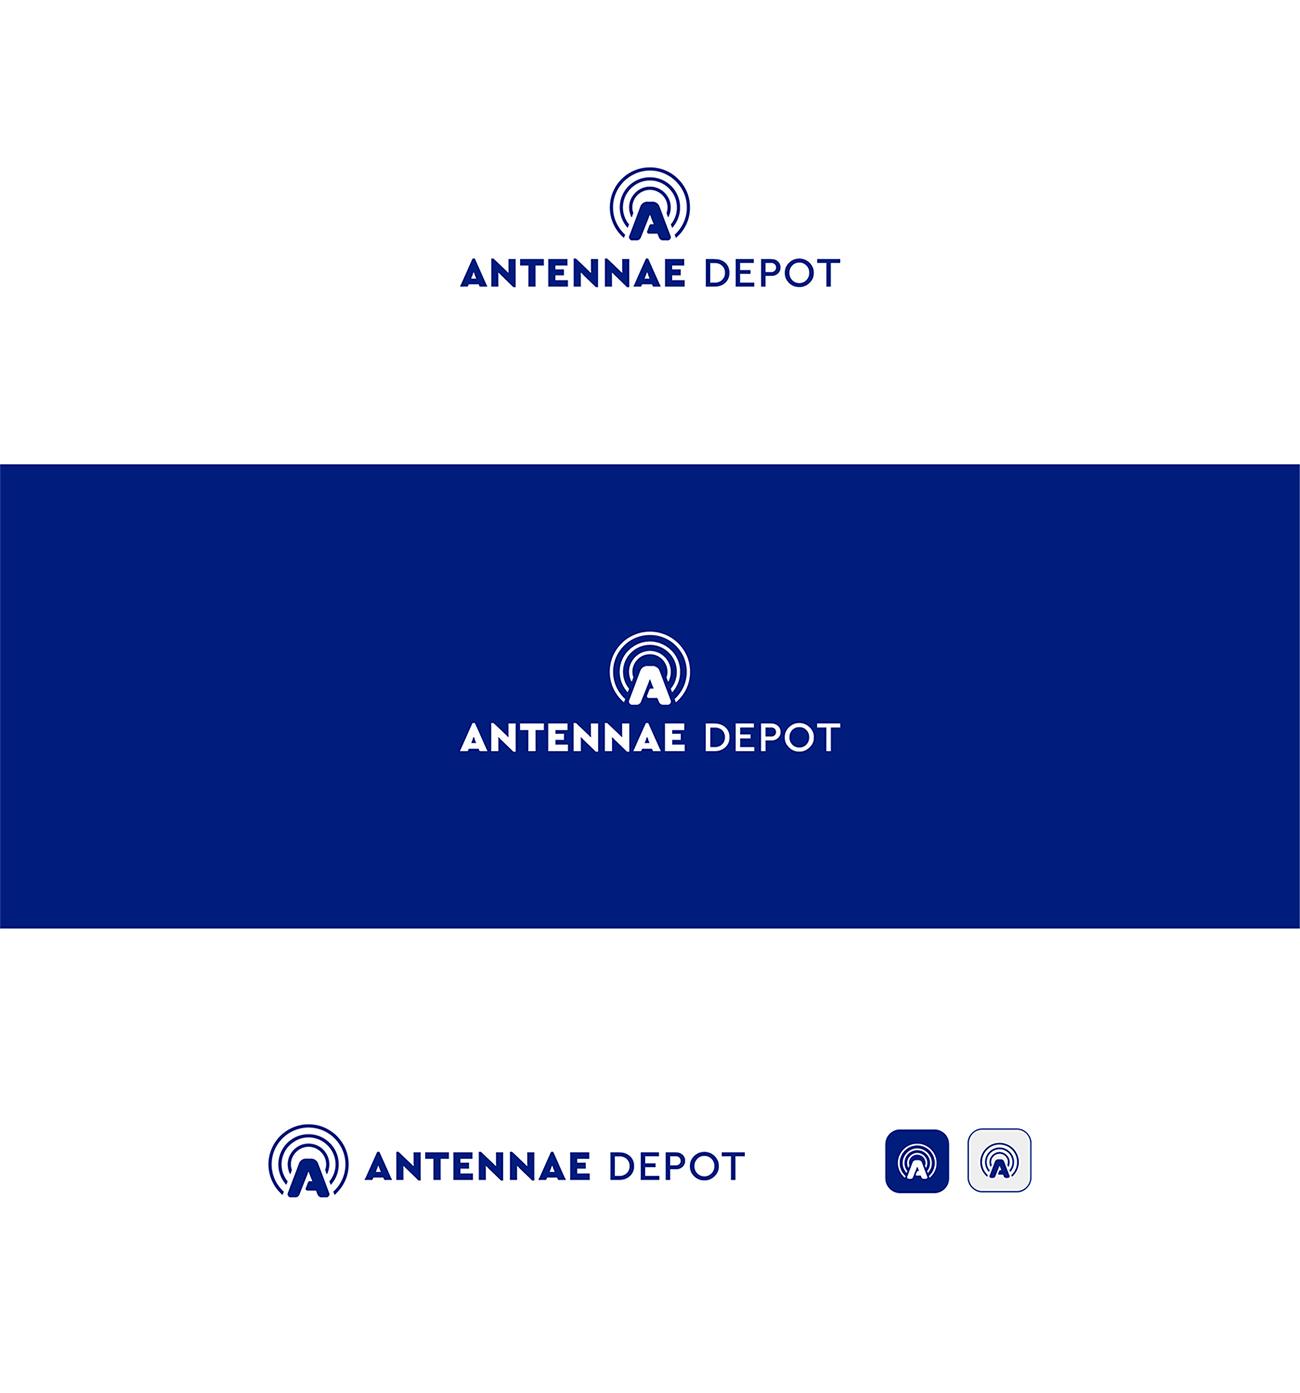 Обновить логотип фото f_6605de74d068477f.jpg